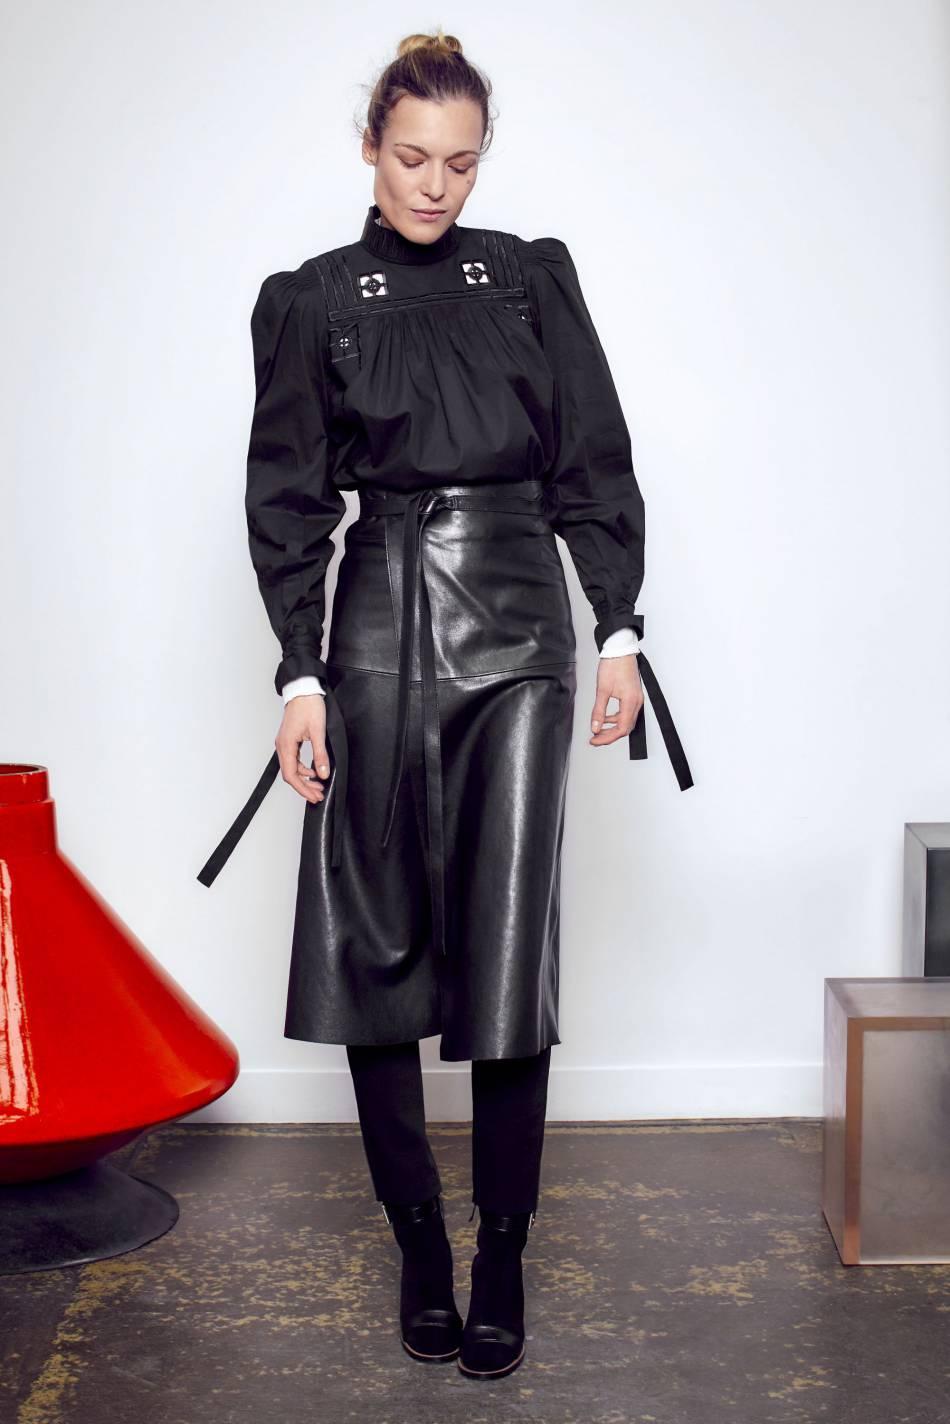 Chemisier et jupe en cuir seront toujours de rigueur chez Isabel Marant.